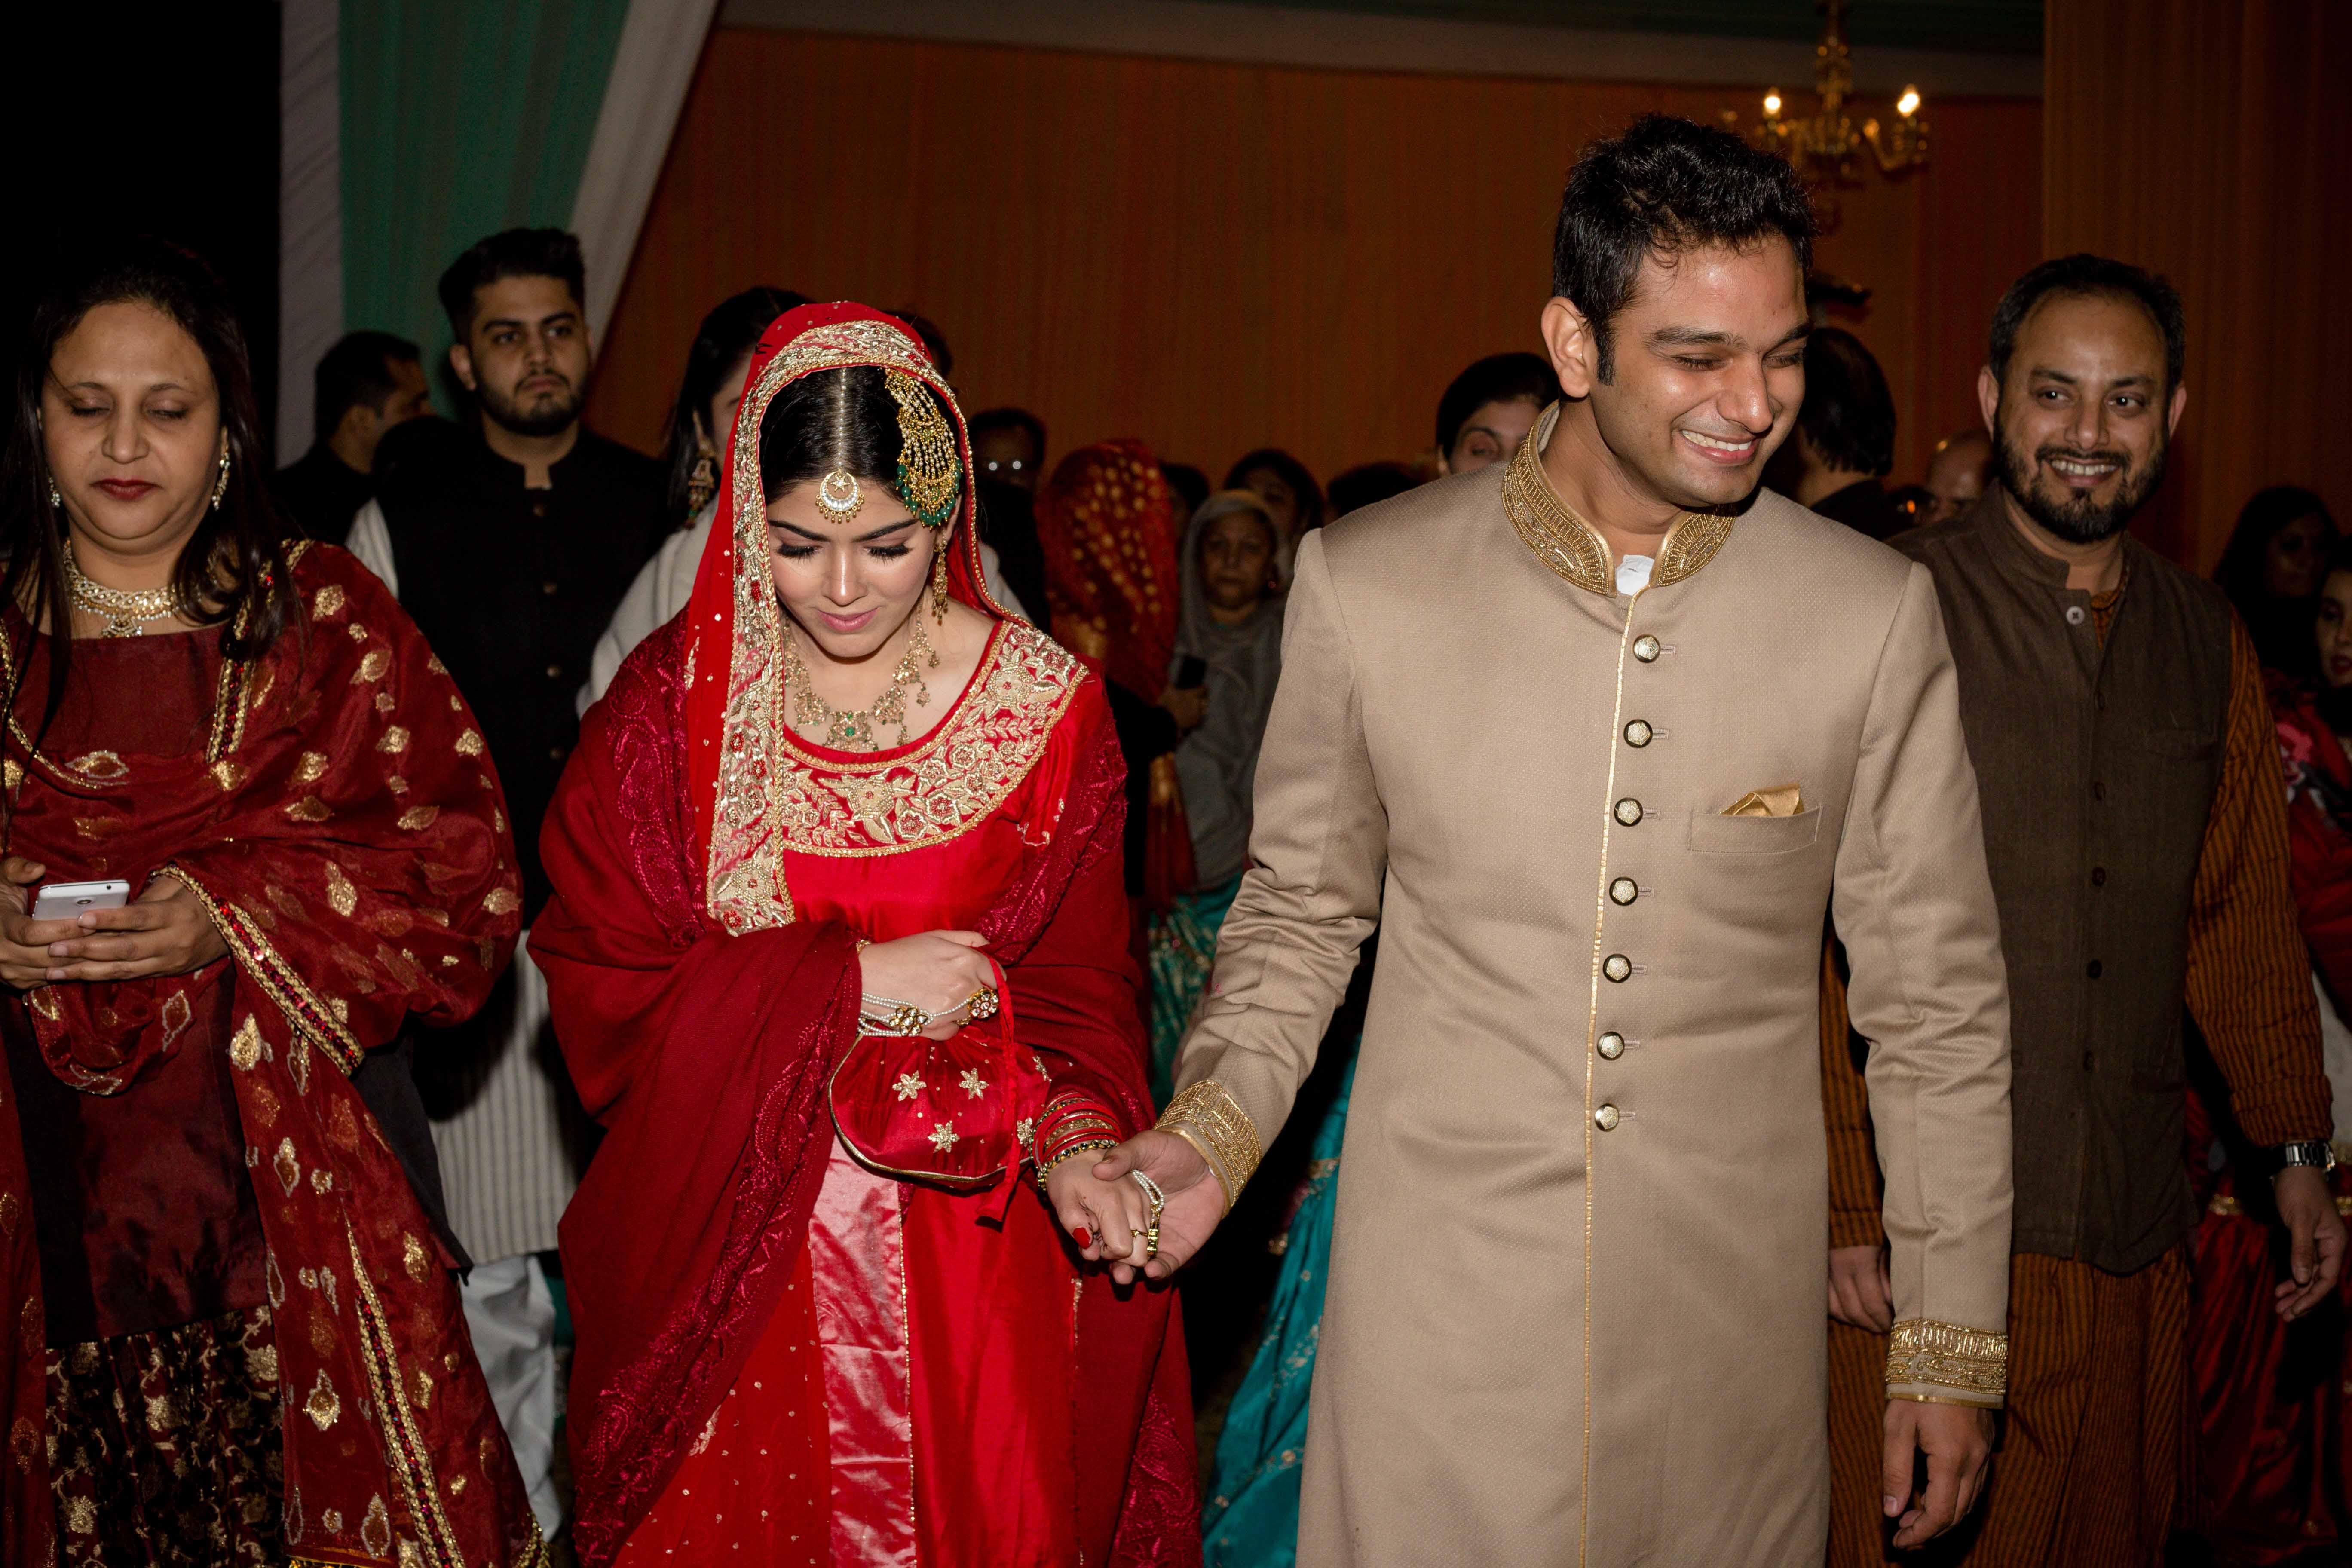 muslim wedding, nikah, muslim bride, Muslim groom, wedding photographer, camera waale baraati